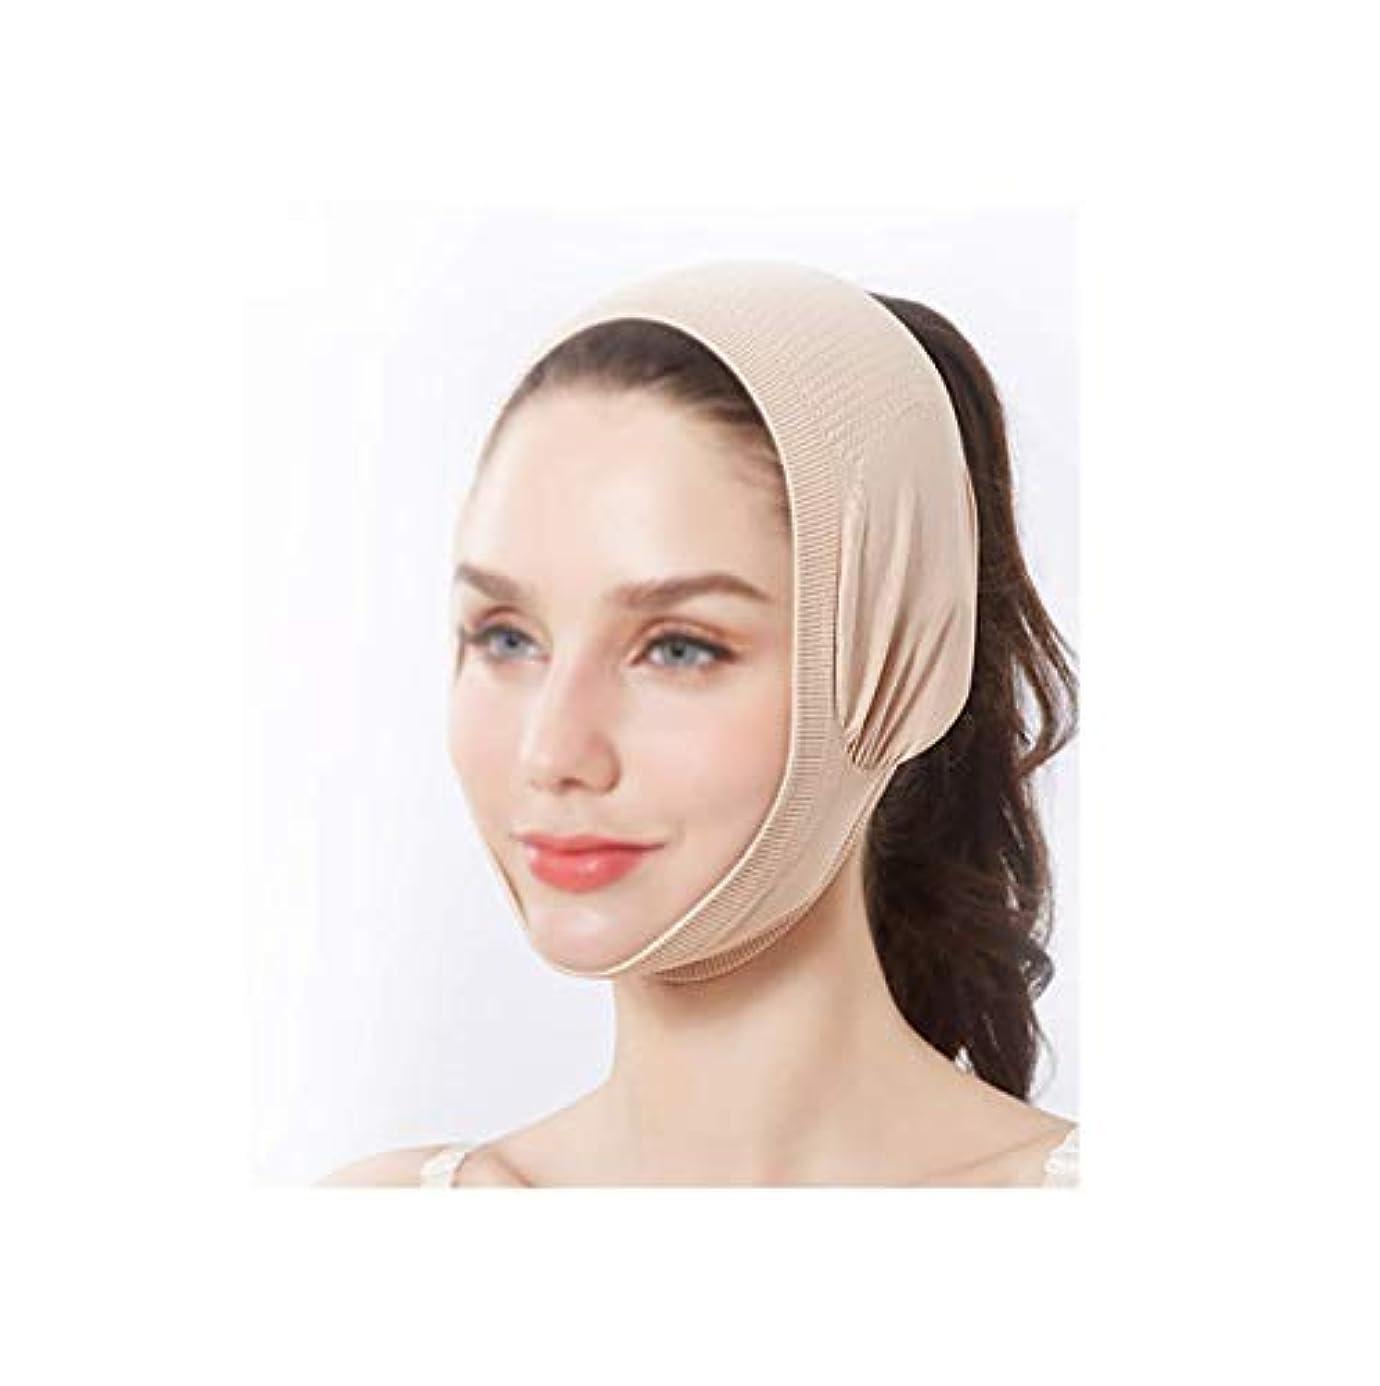 ハード策定する省フェイスリフトマスク、フェイシャルマスクエクステンション強度フェイスレスバンデージバンディオンフェイスラージVラインカービングフェイスバックカバーネックストラップ(色:肌の色)